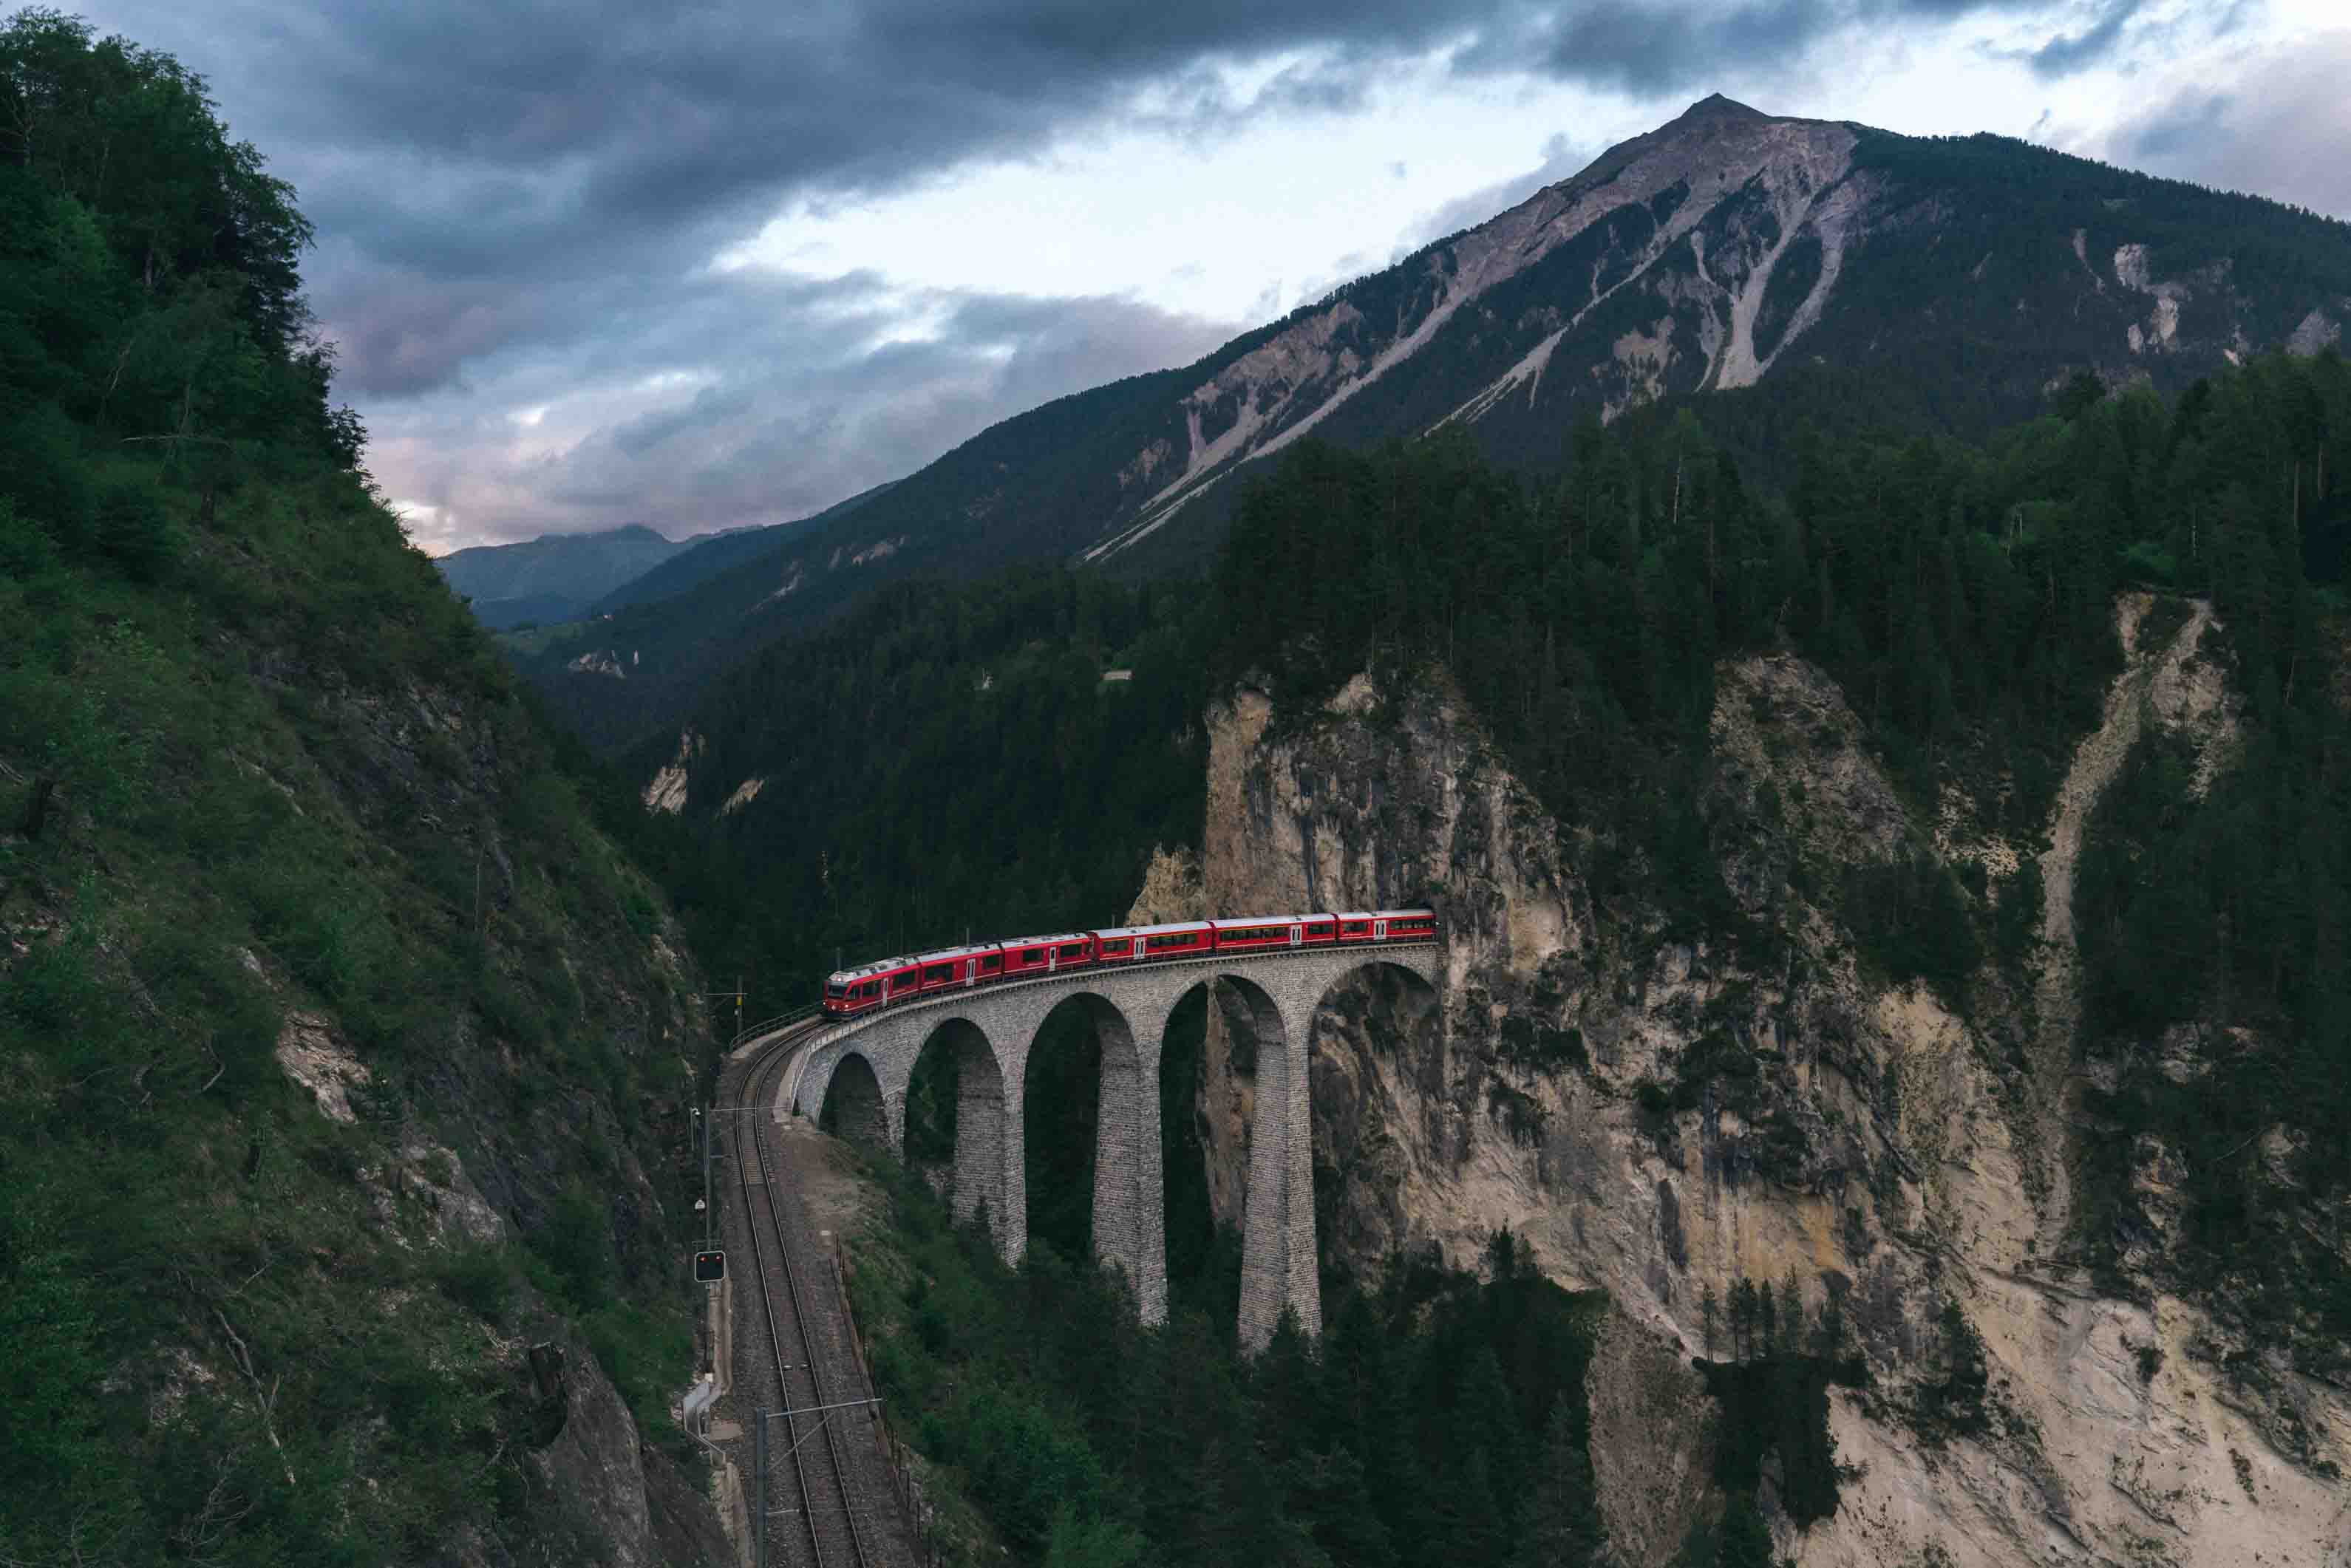 Eine Eisenbahnbrücke im Gebirge in der Schweiz.